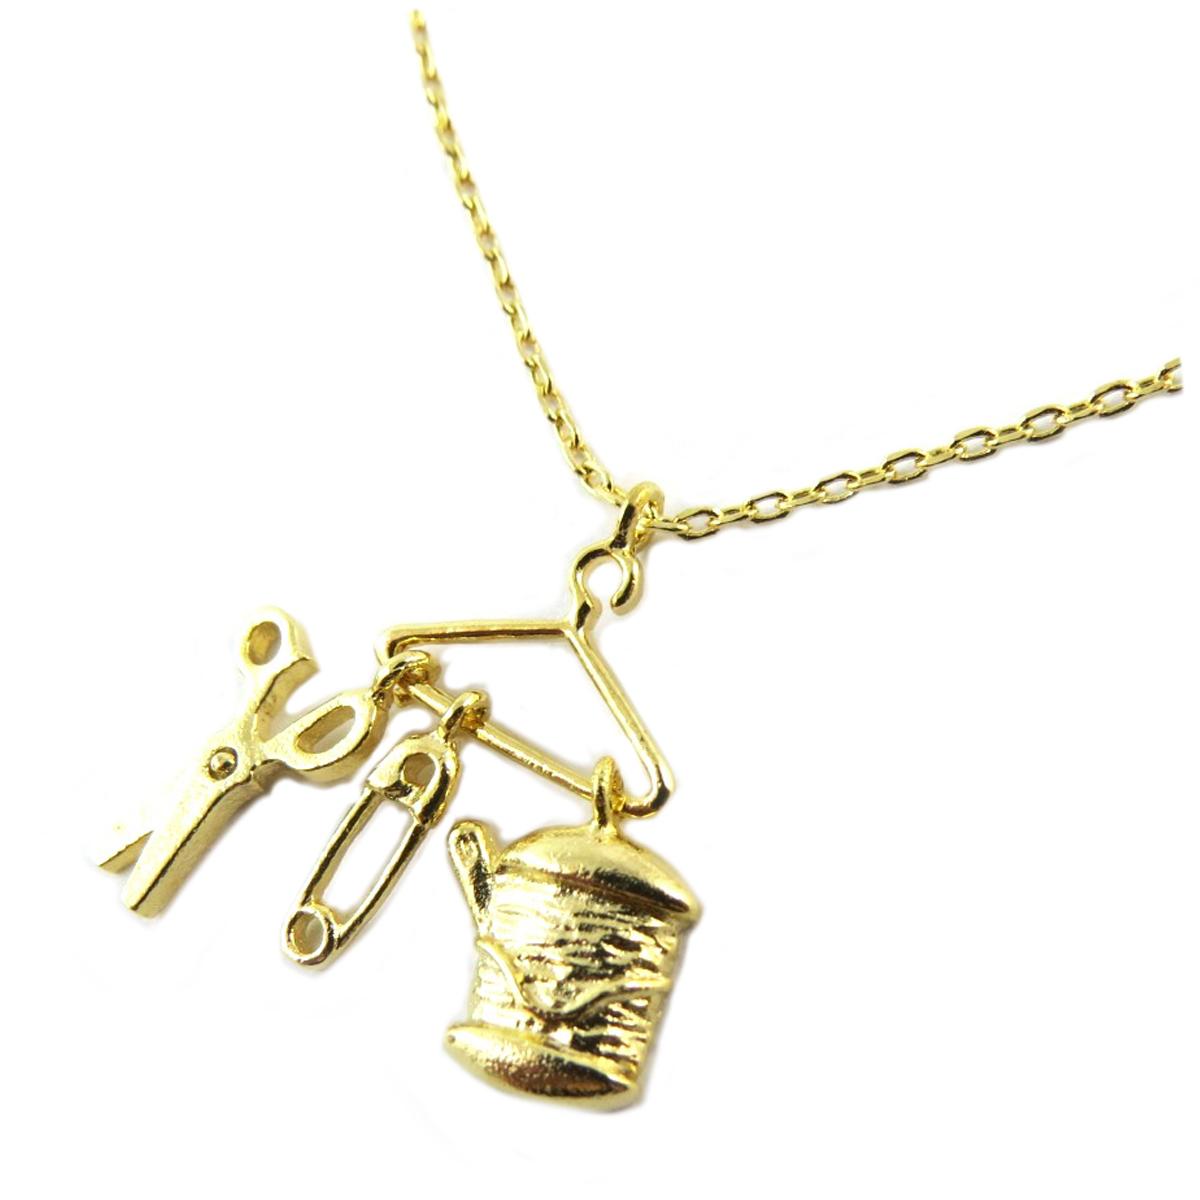 Bracelet artisanal \'Couture\' doré -  15x15 mm - [Q1531]